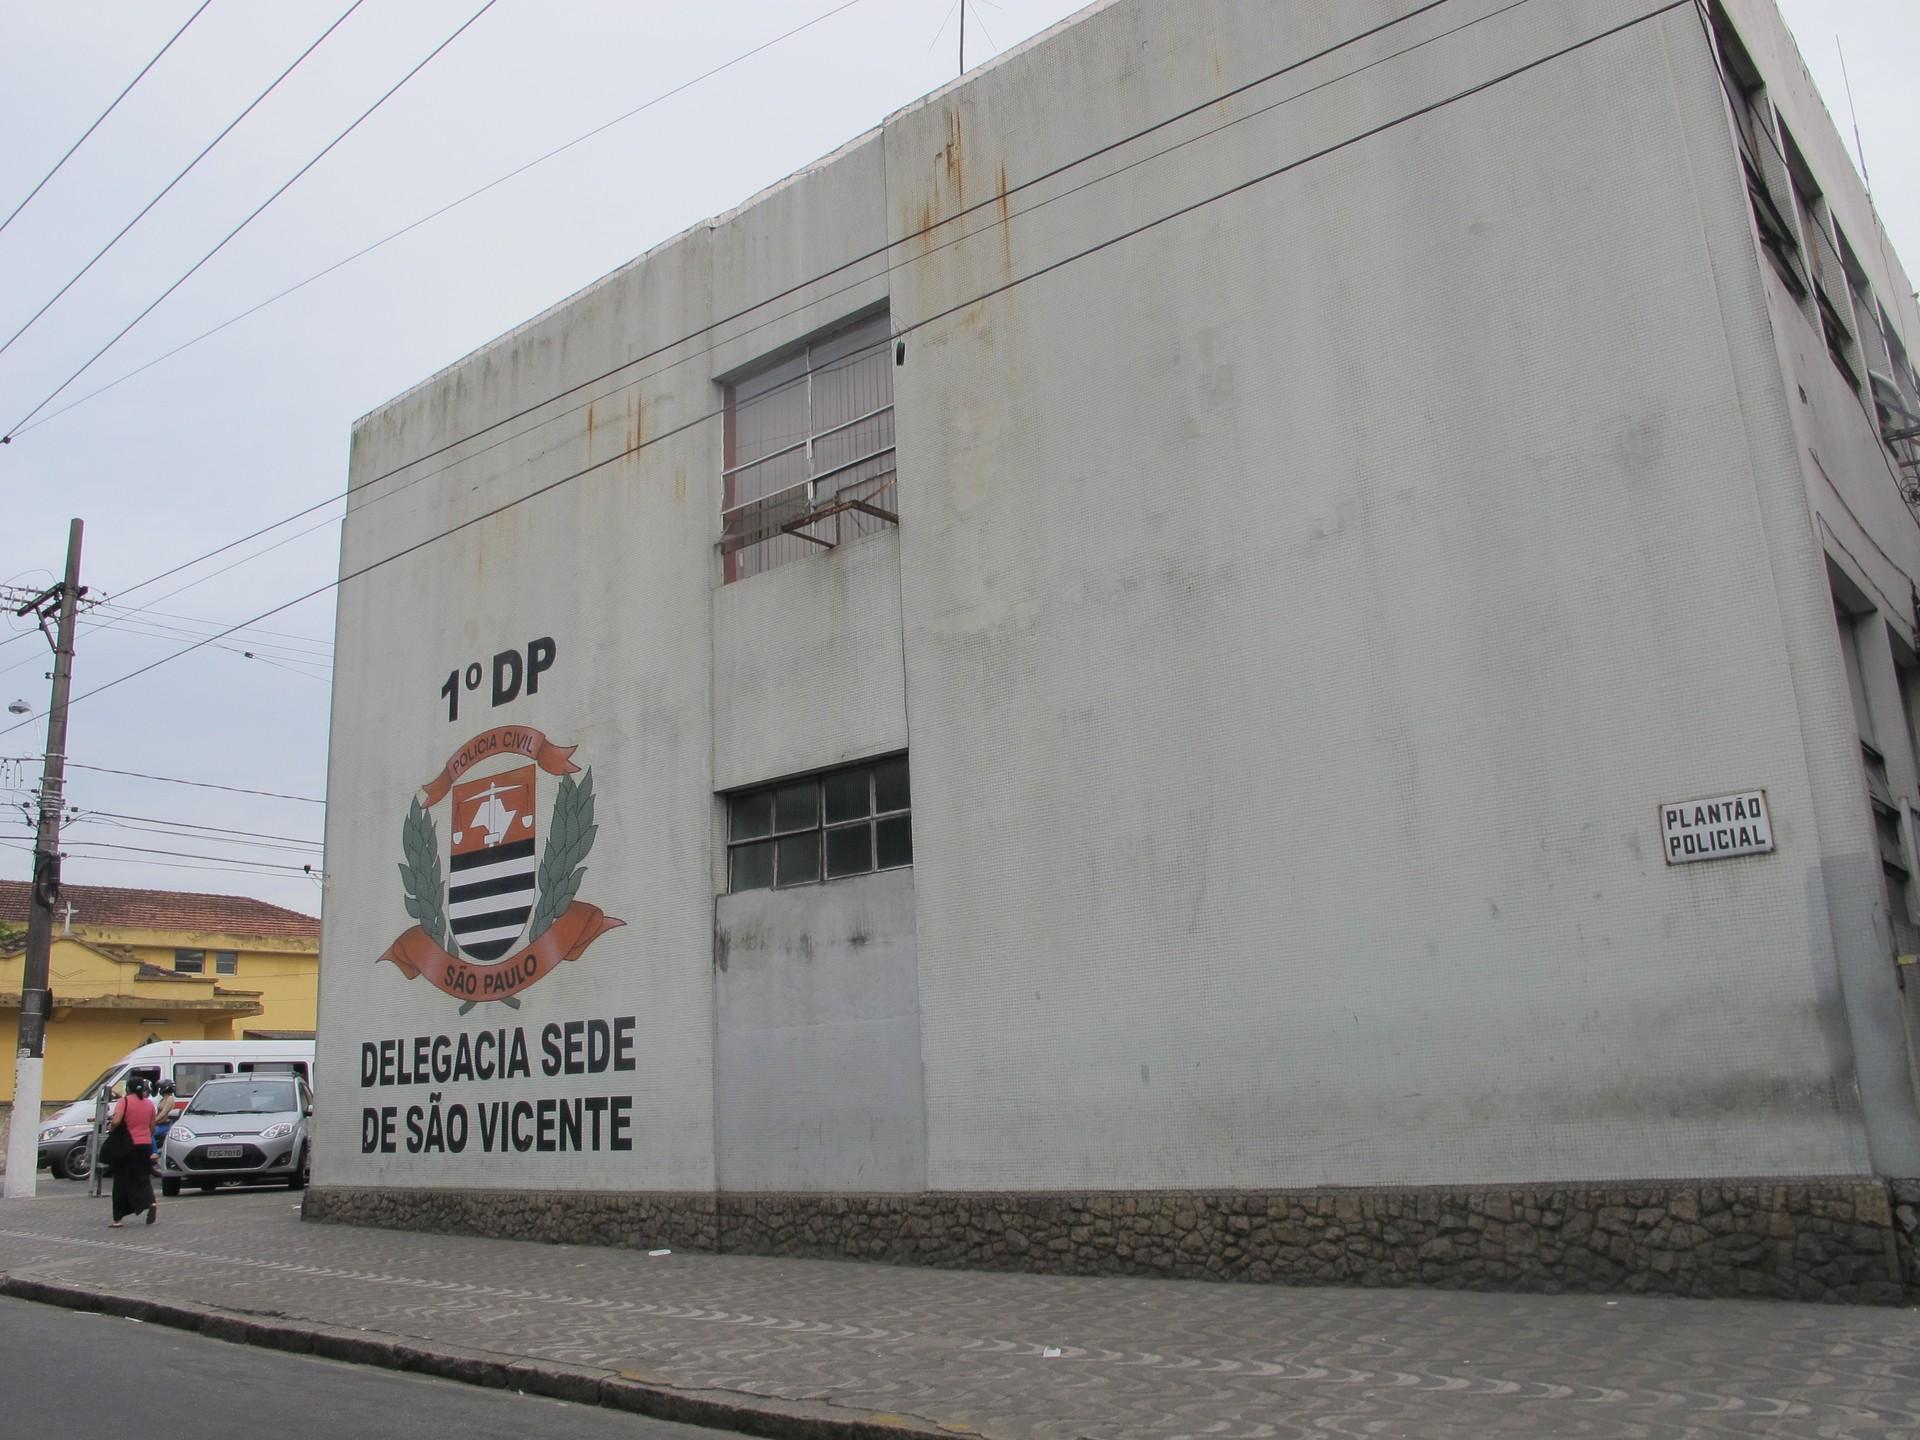 Quadrilha é presa após cometer roubos em ruas de Santos, SP - Notícias - Plantão Diário